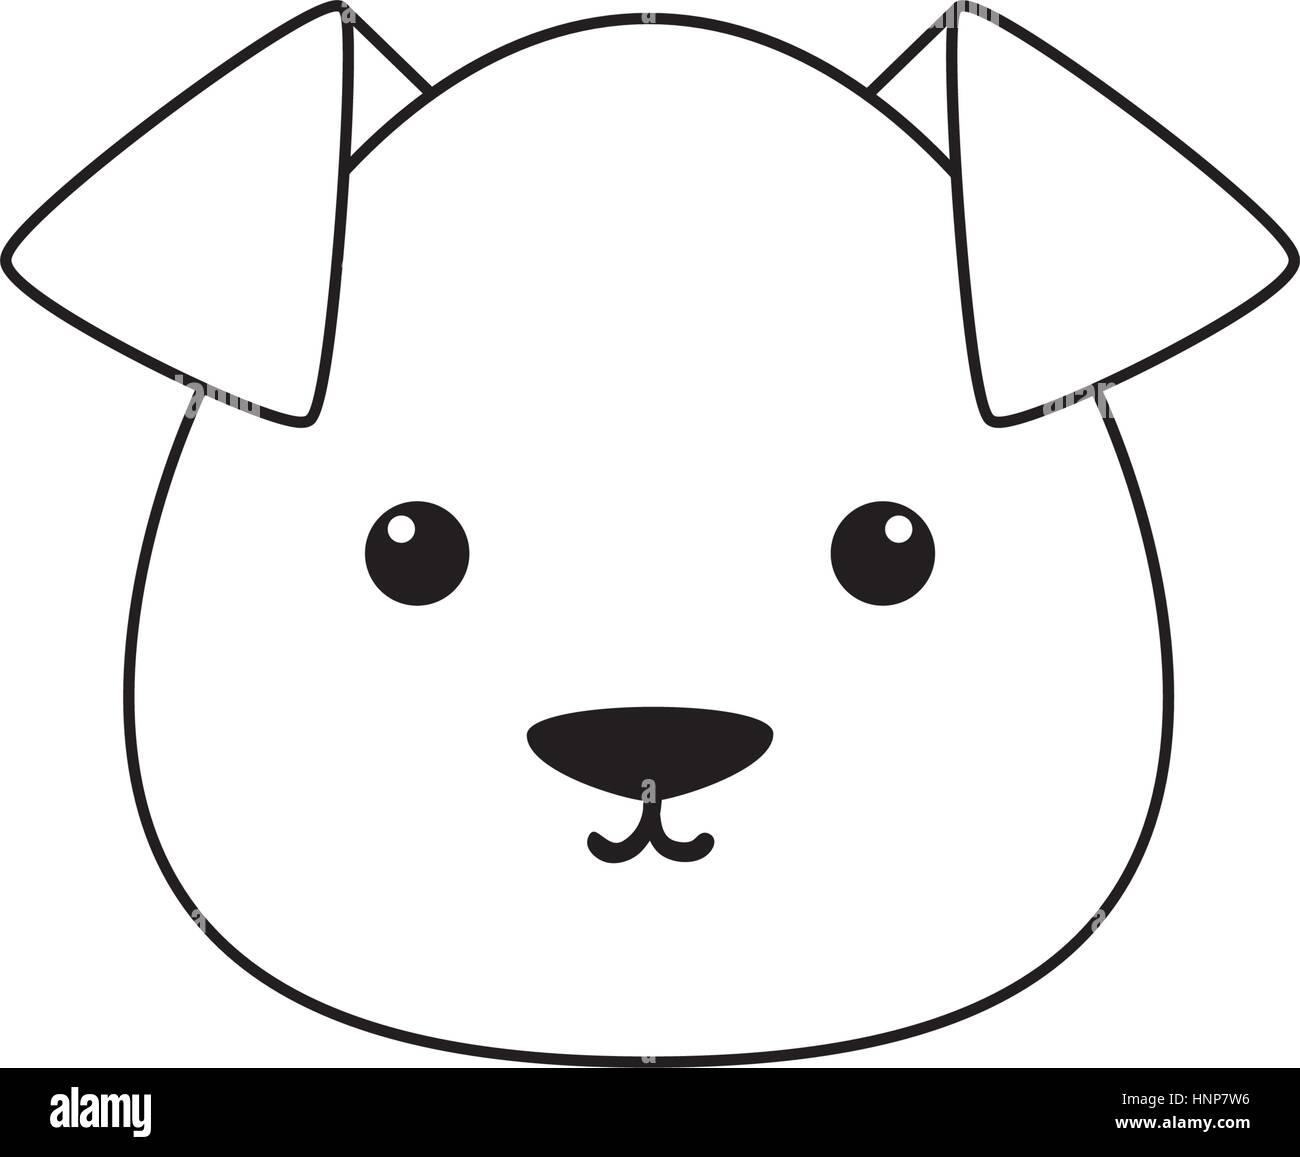 Dibujo Cara De Perro Ilustracion Del Vector Imagen 133869490 Alamy